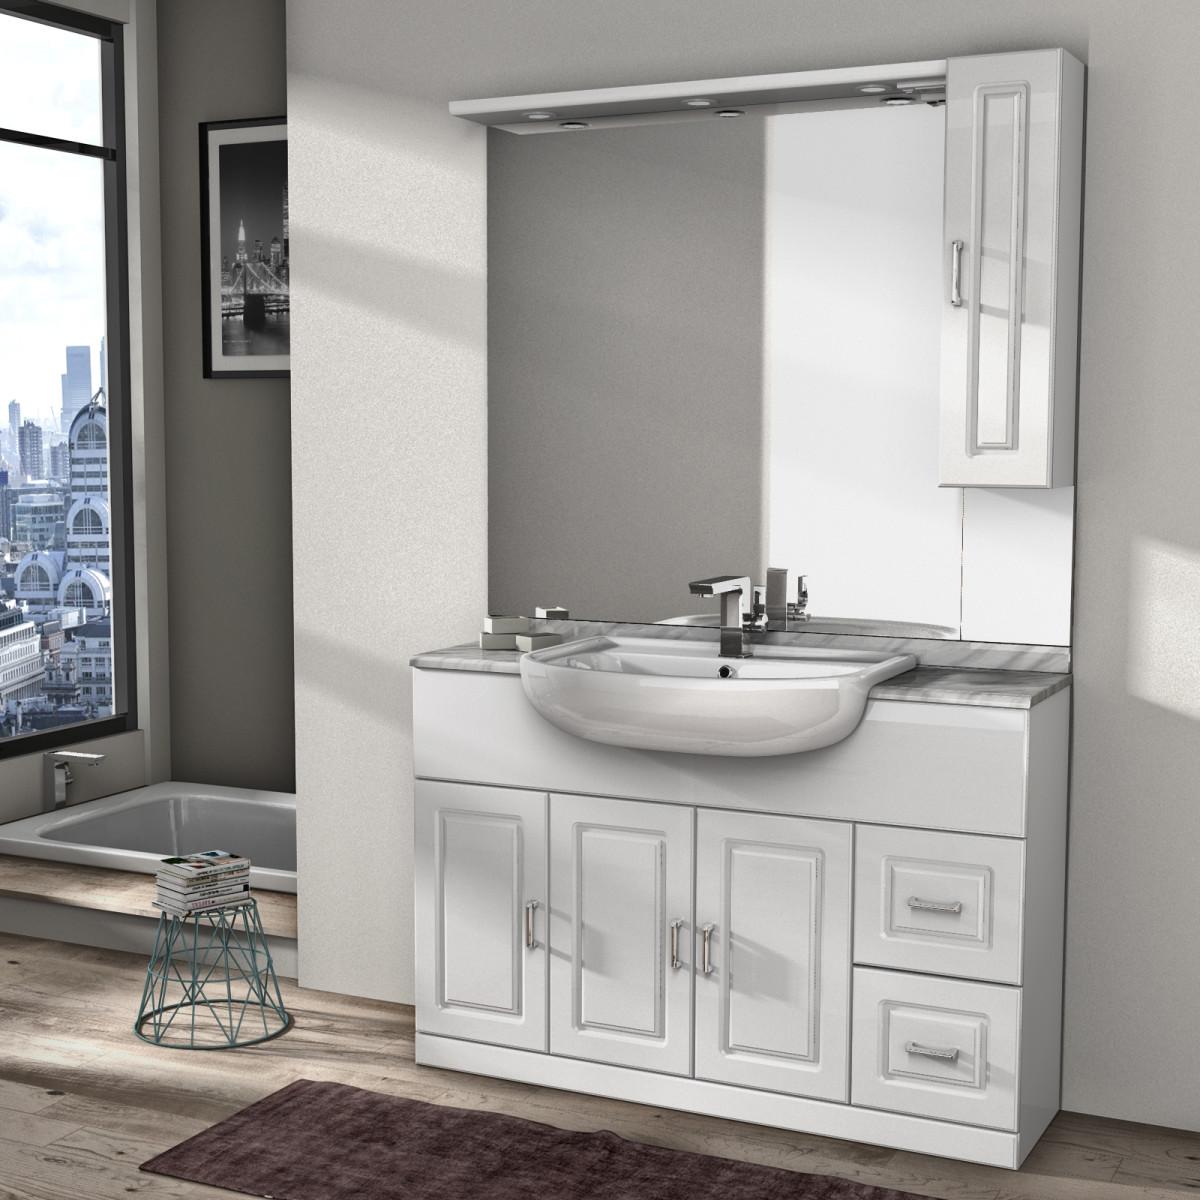 Mobile bagno con lavabo in ceramica 80 prezzo e offerte sottocosto - Mobile bagno doppio lavabo leroy merlin ...